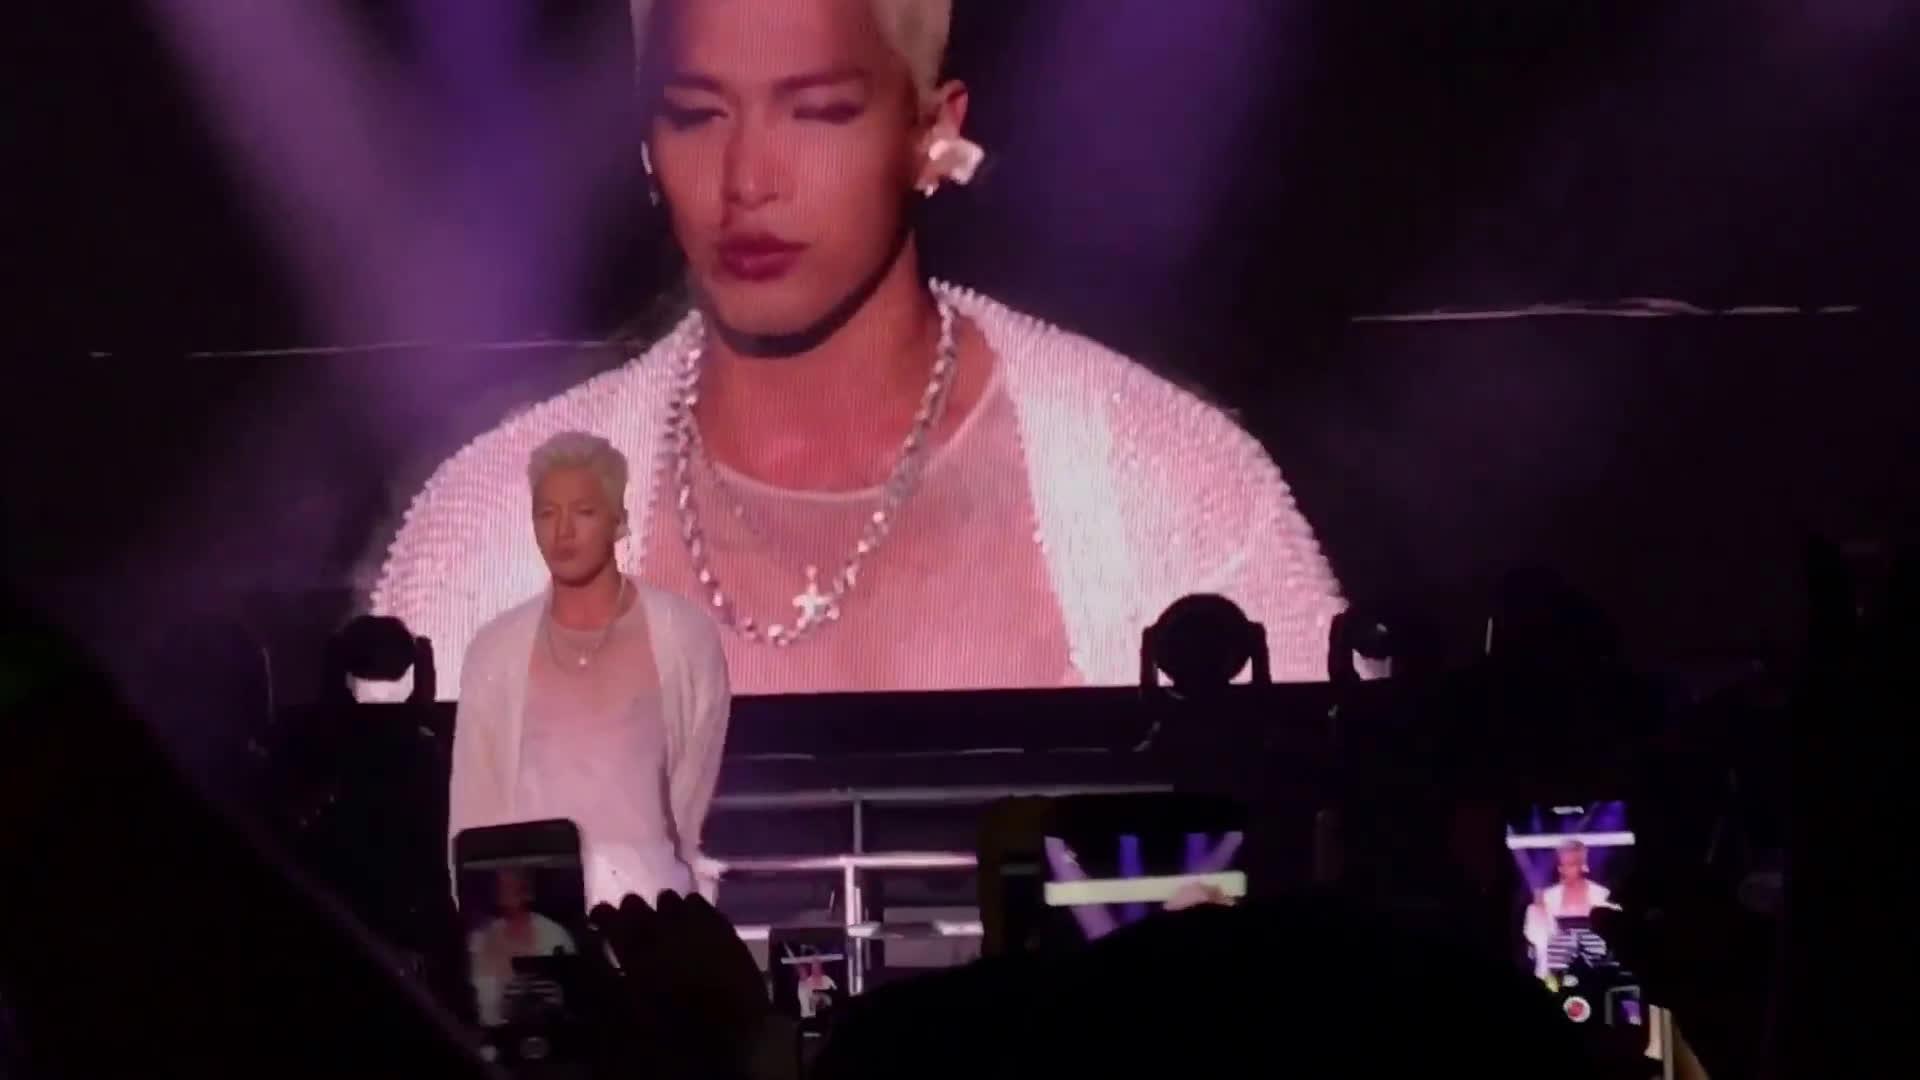 Diễn quá sung, Taeyang bị micro dập chảy máu mũi ngay trên sân khấu